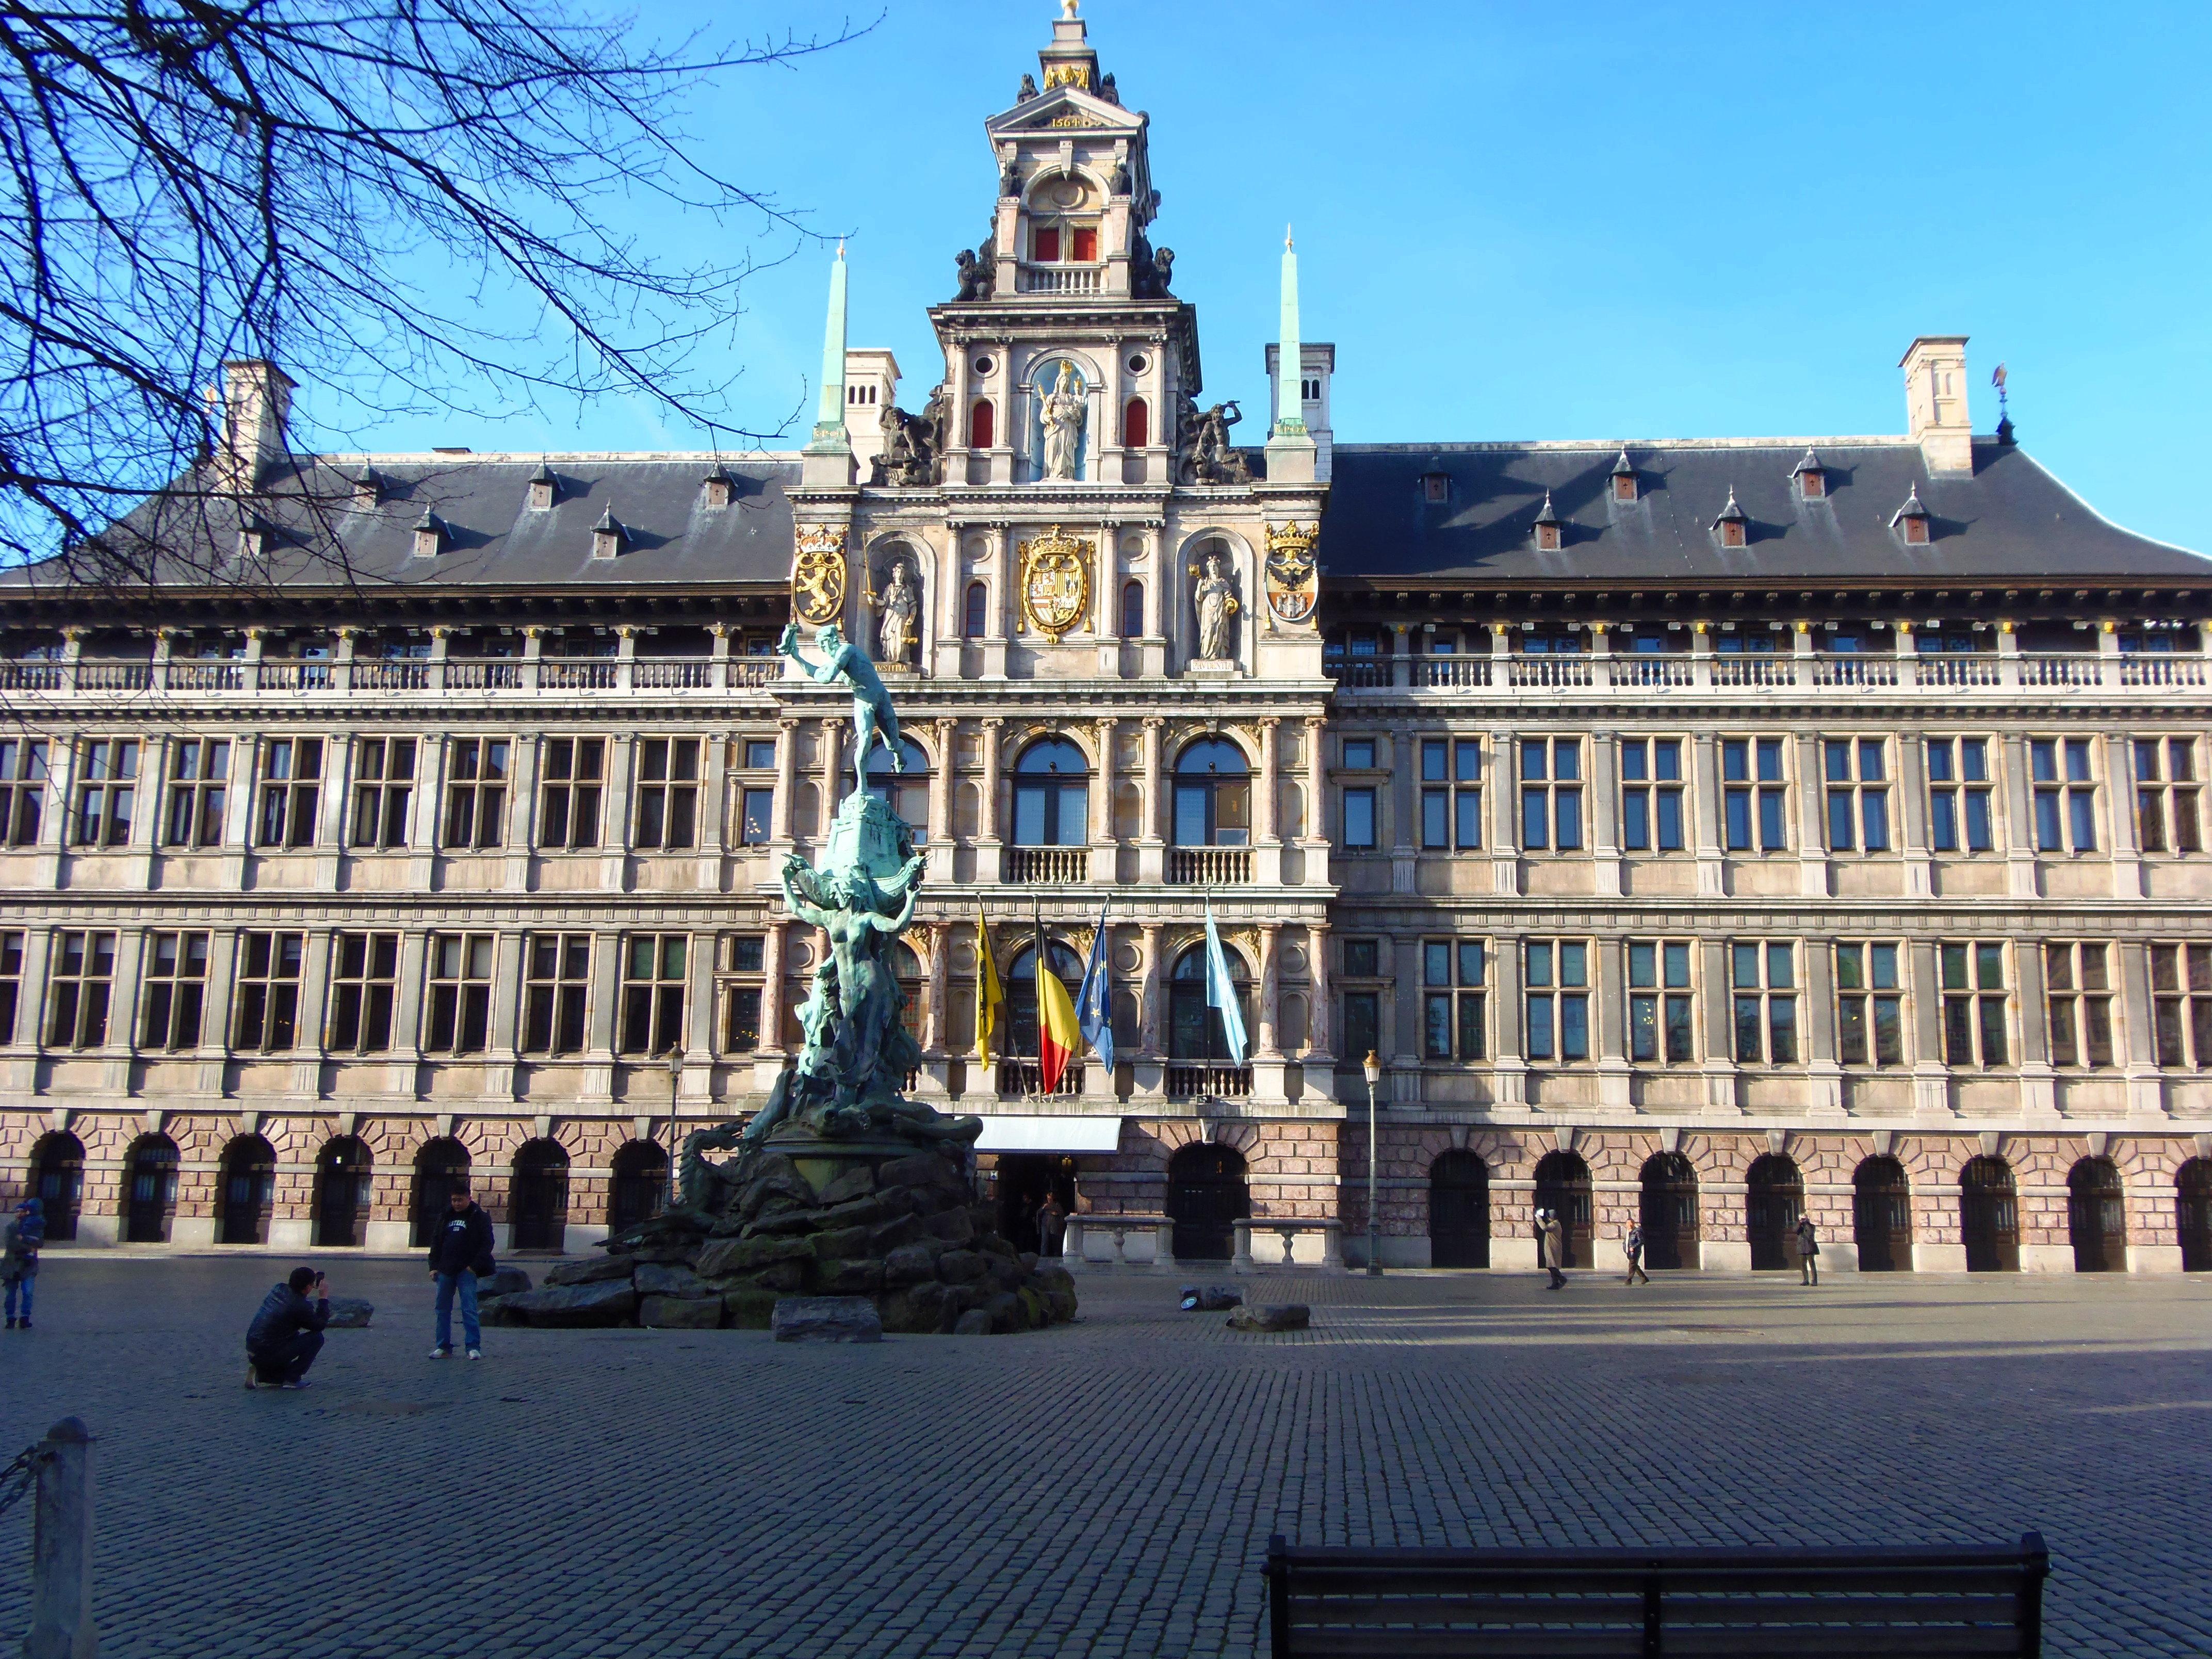 Anvers Hotel De Ville